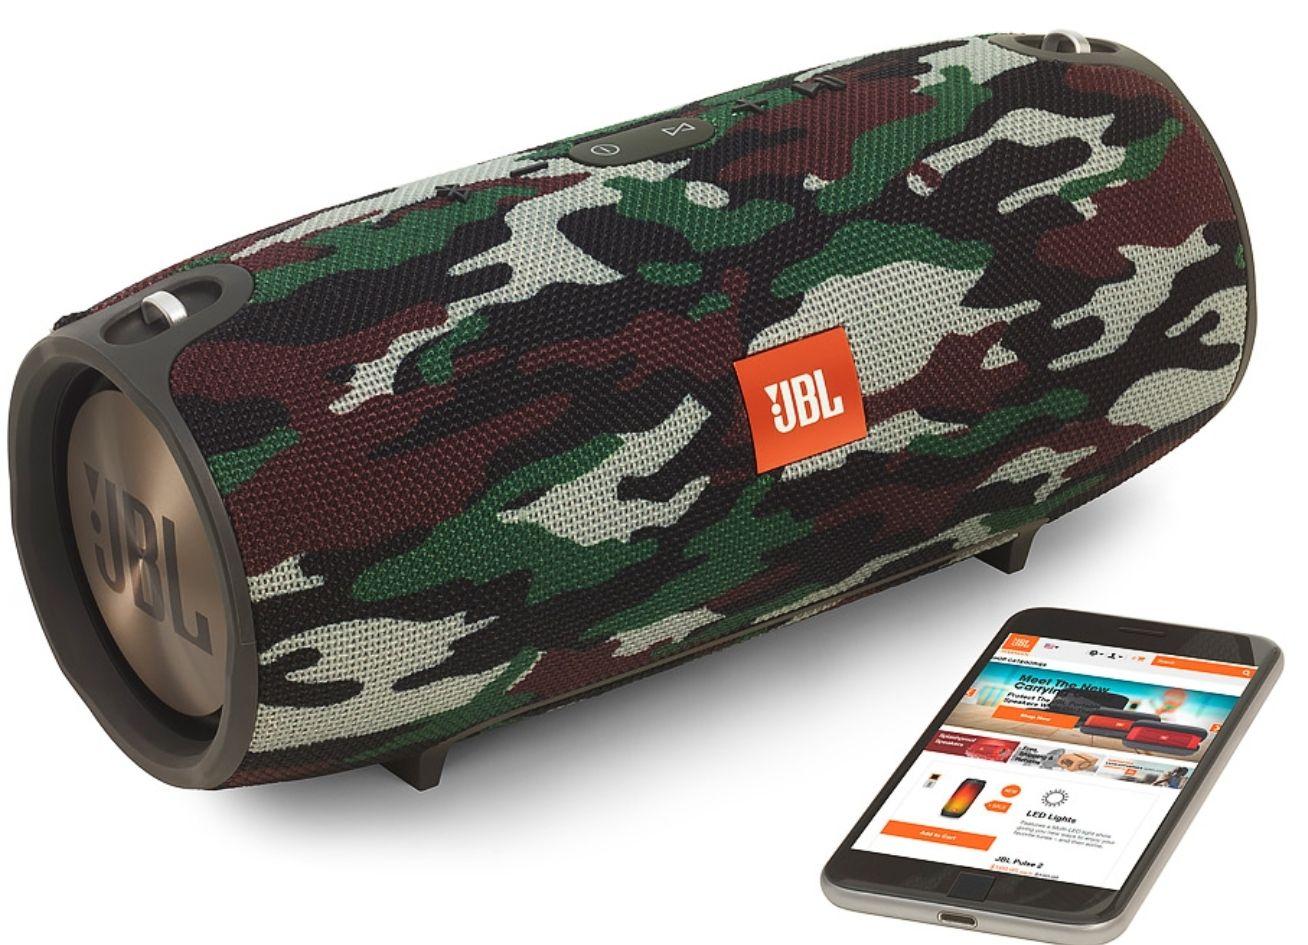 JBL Bluetooth-Lautsprecher Xtreme Squad  (Neukunden bei Brands4friends für 135€). Bestandskunden 142€ (Bestpreis)